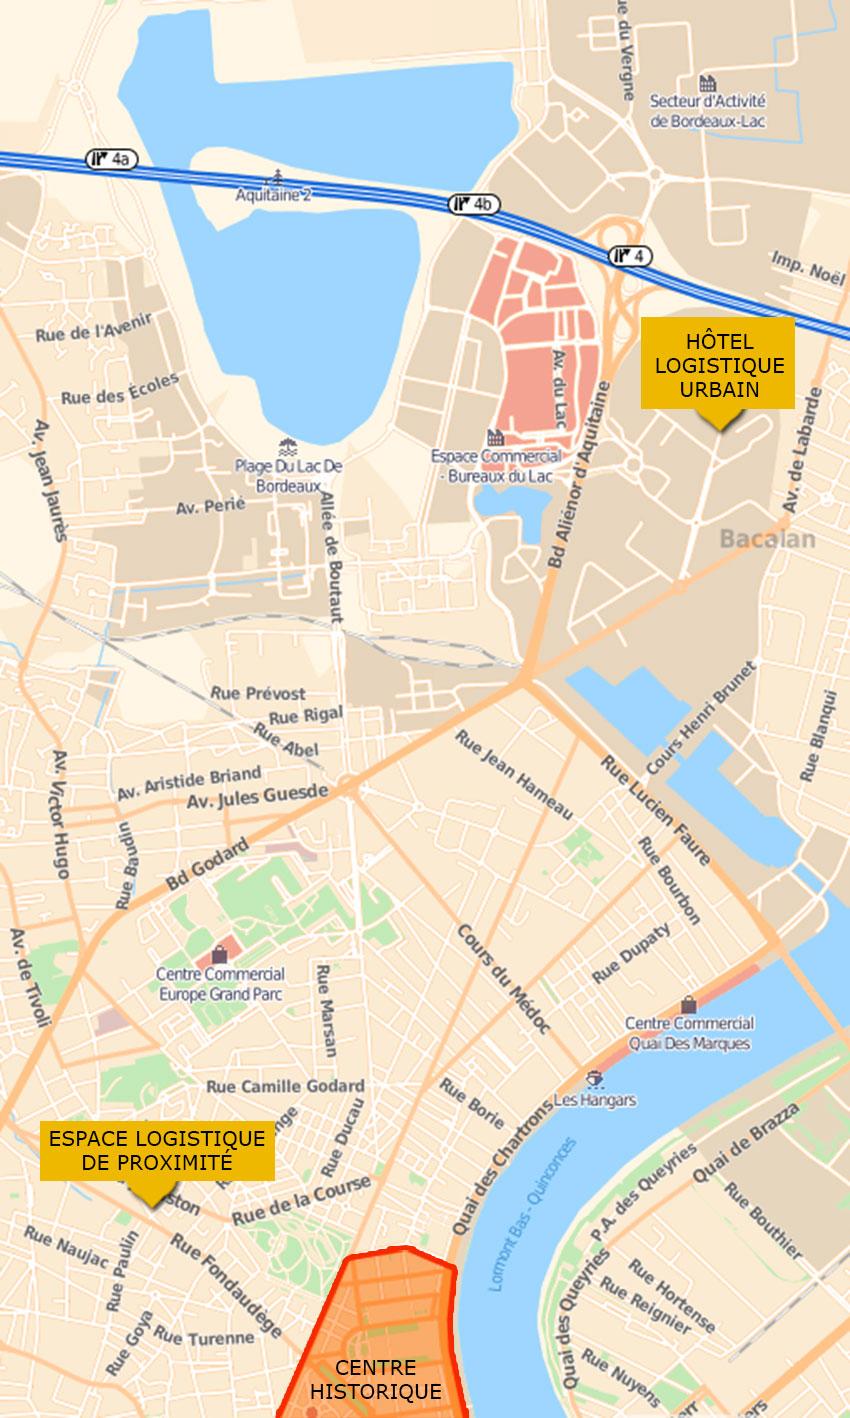 Plan de bordeaux avec la localisation du HLU